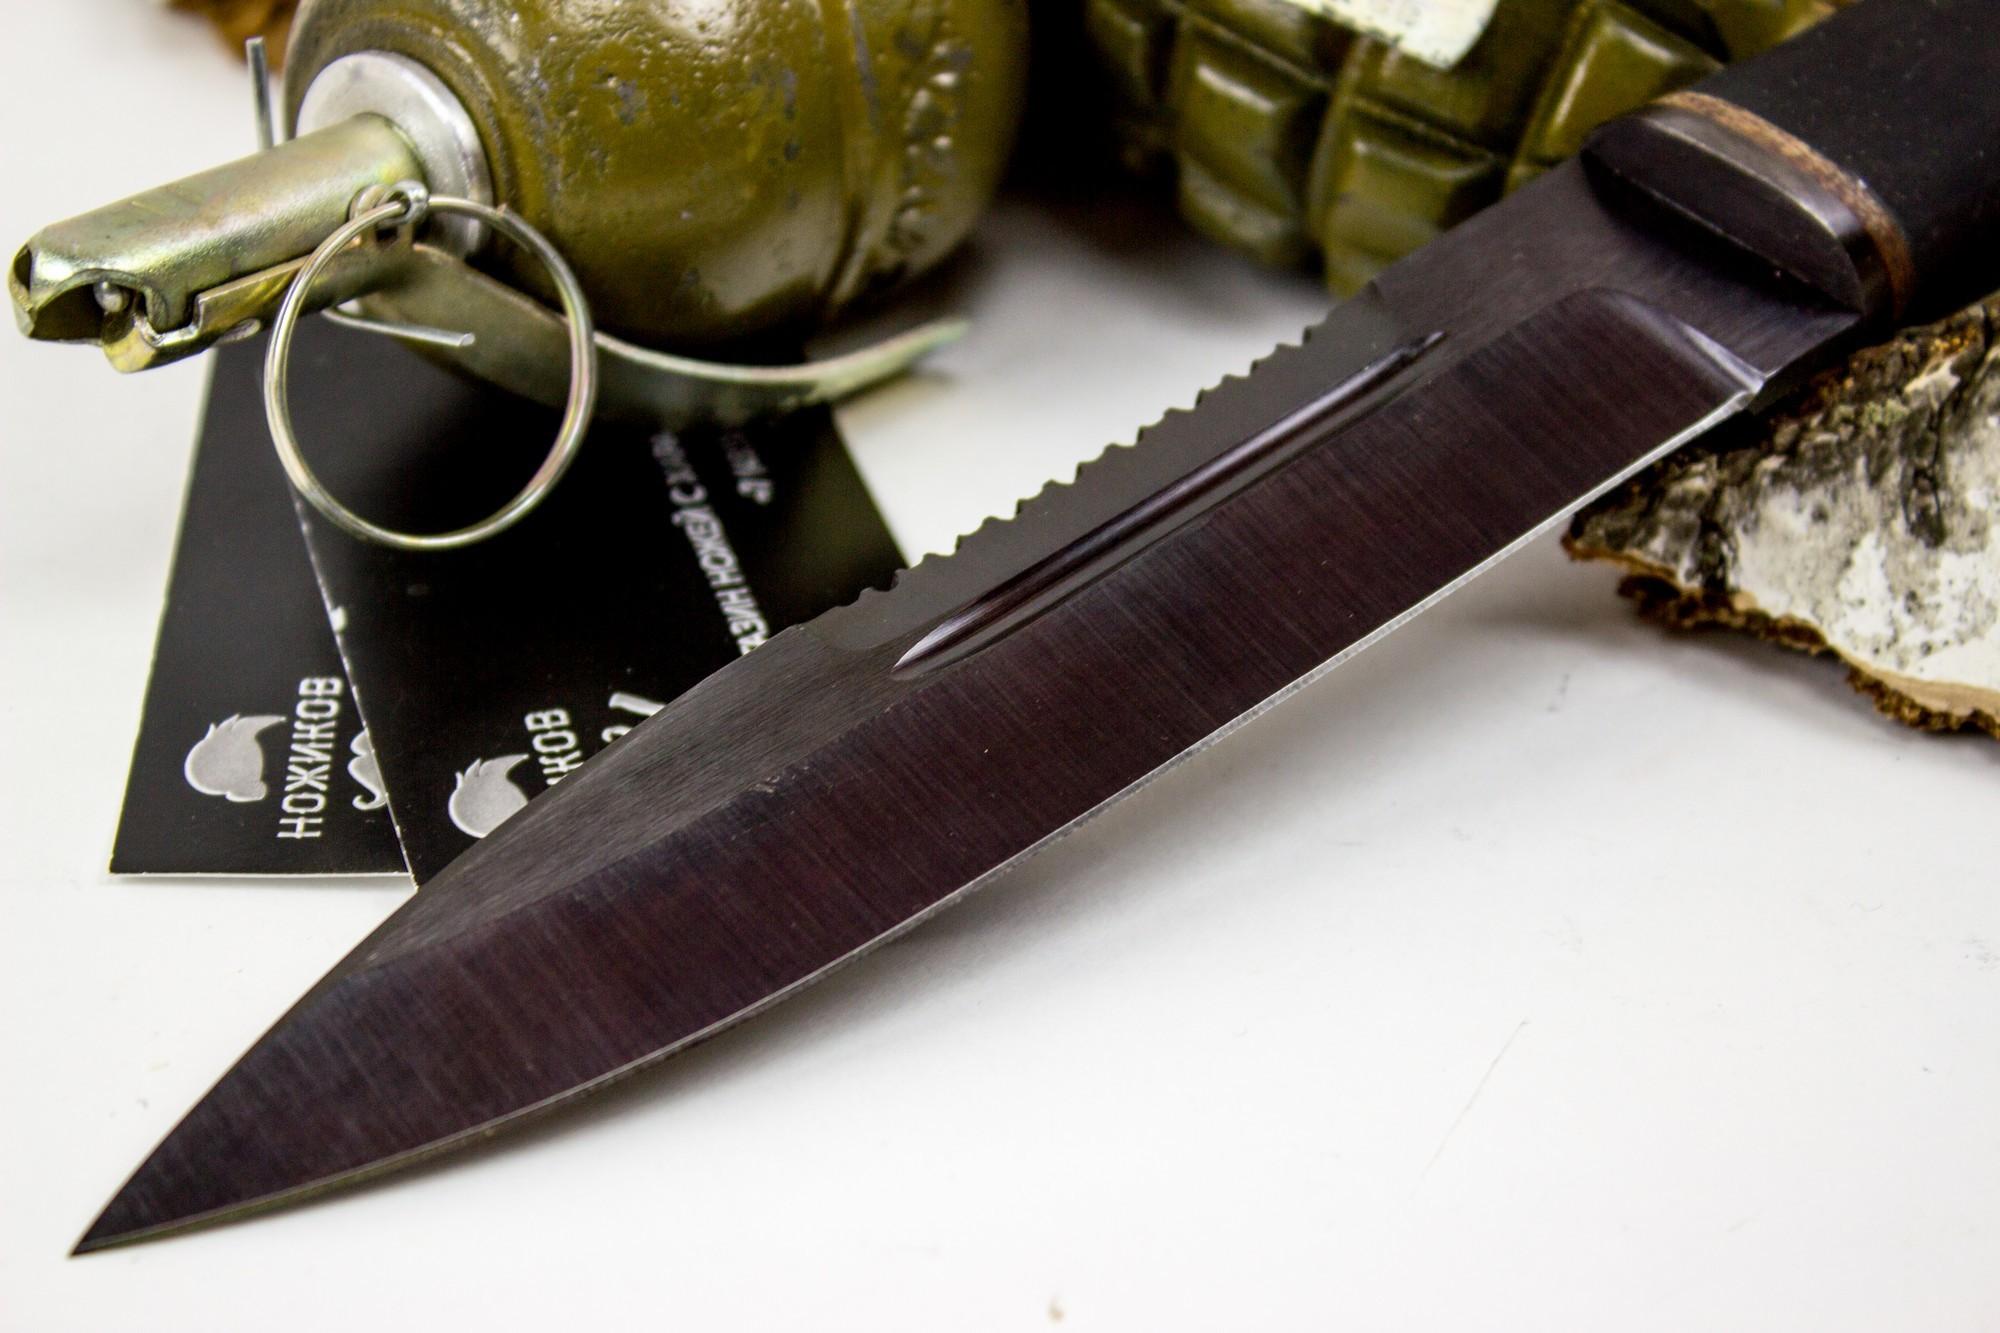 Фото 3 - Нож Казак-2, сталь 65Г, резина от Титов и Солдатова